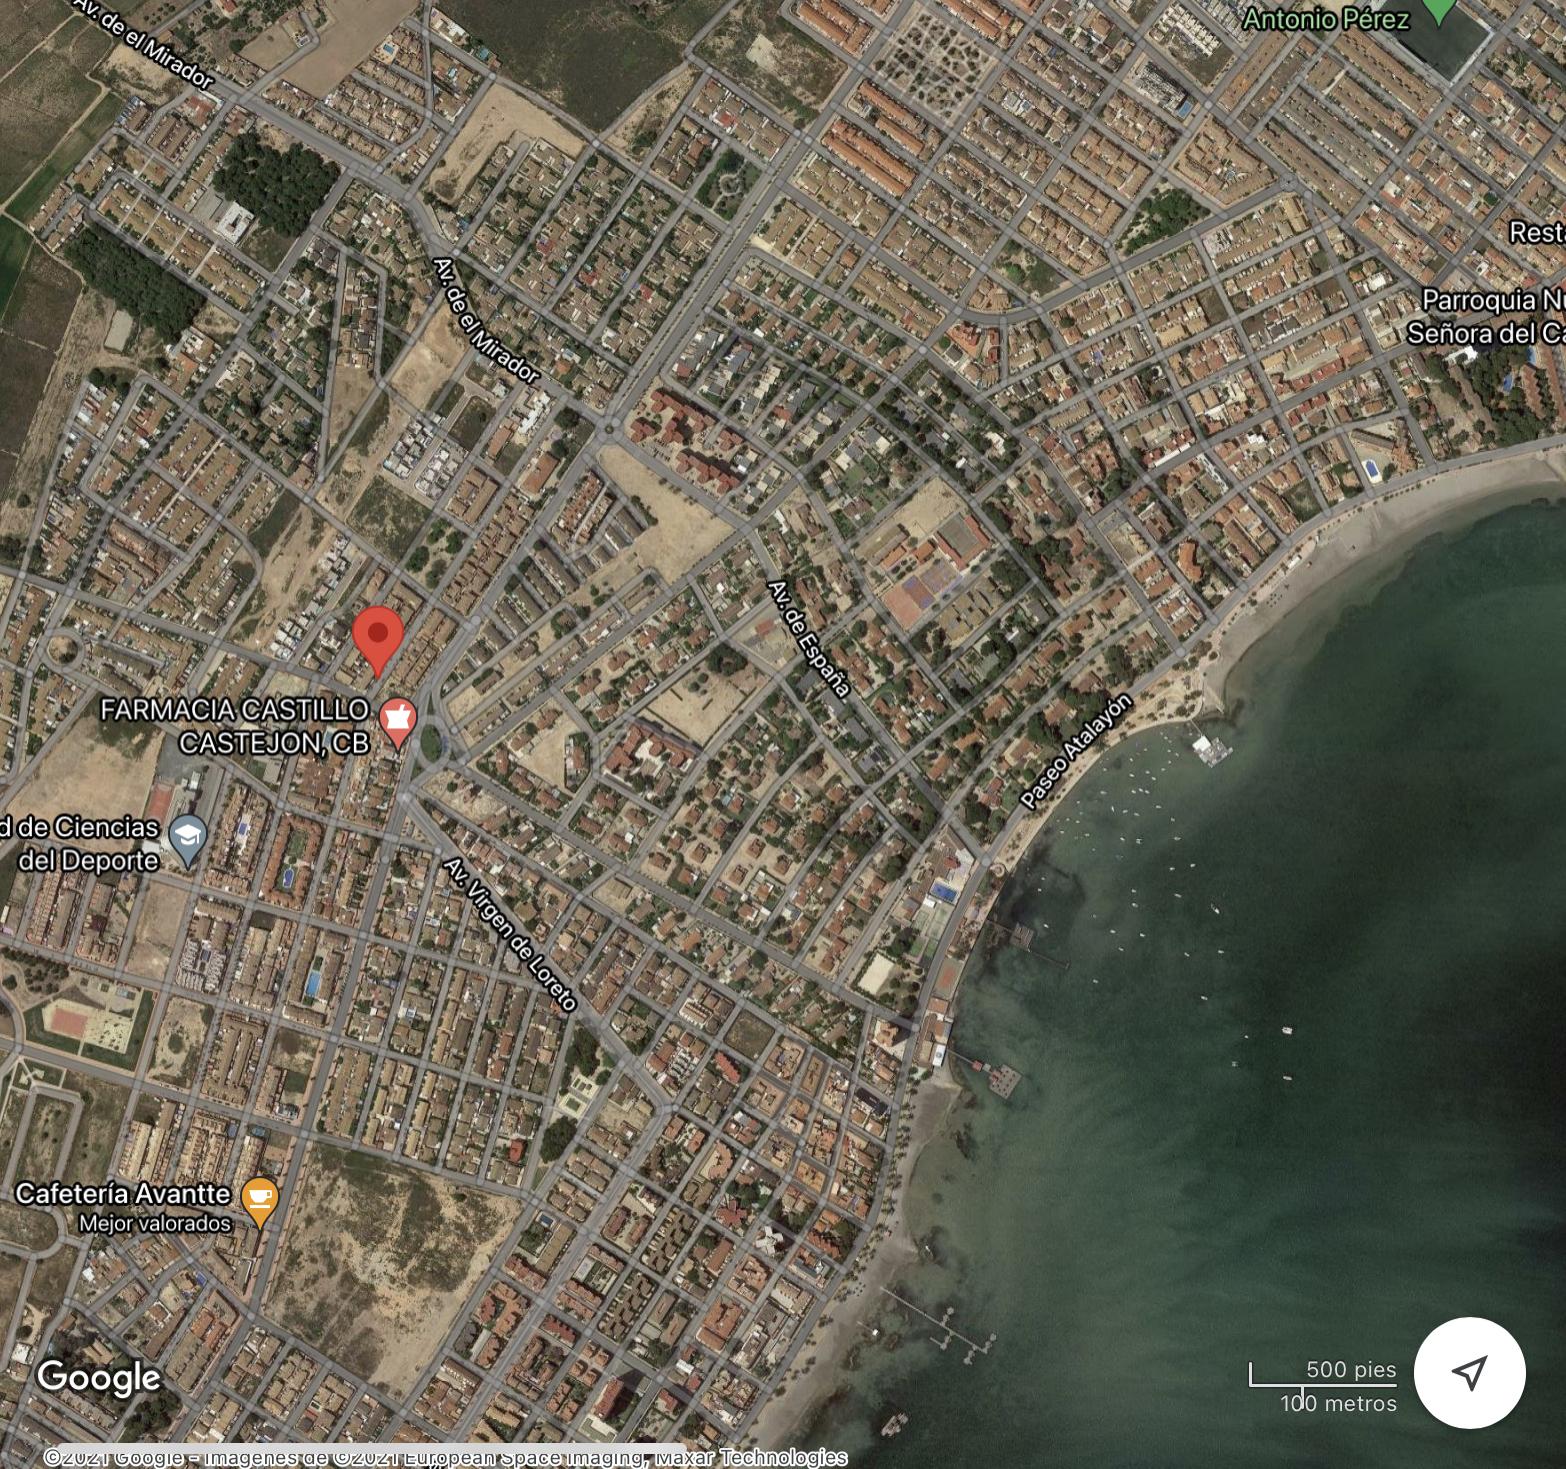 Piso en venta, Puerta de hierrro, Mar Menor